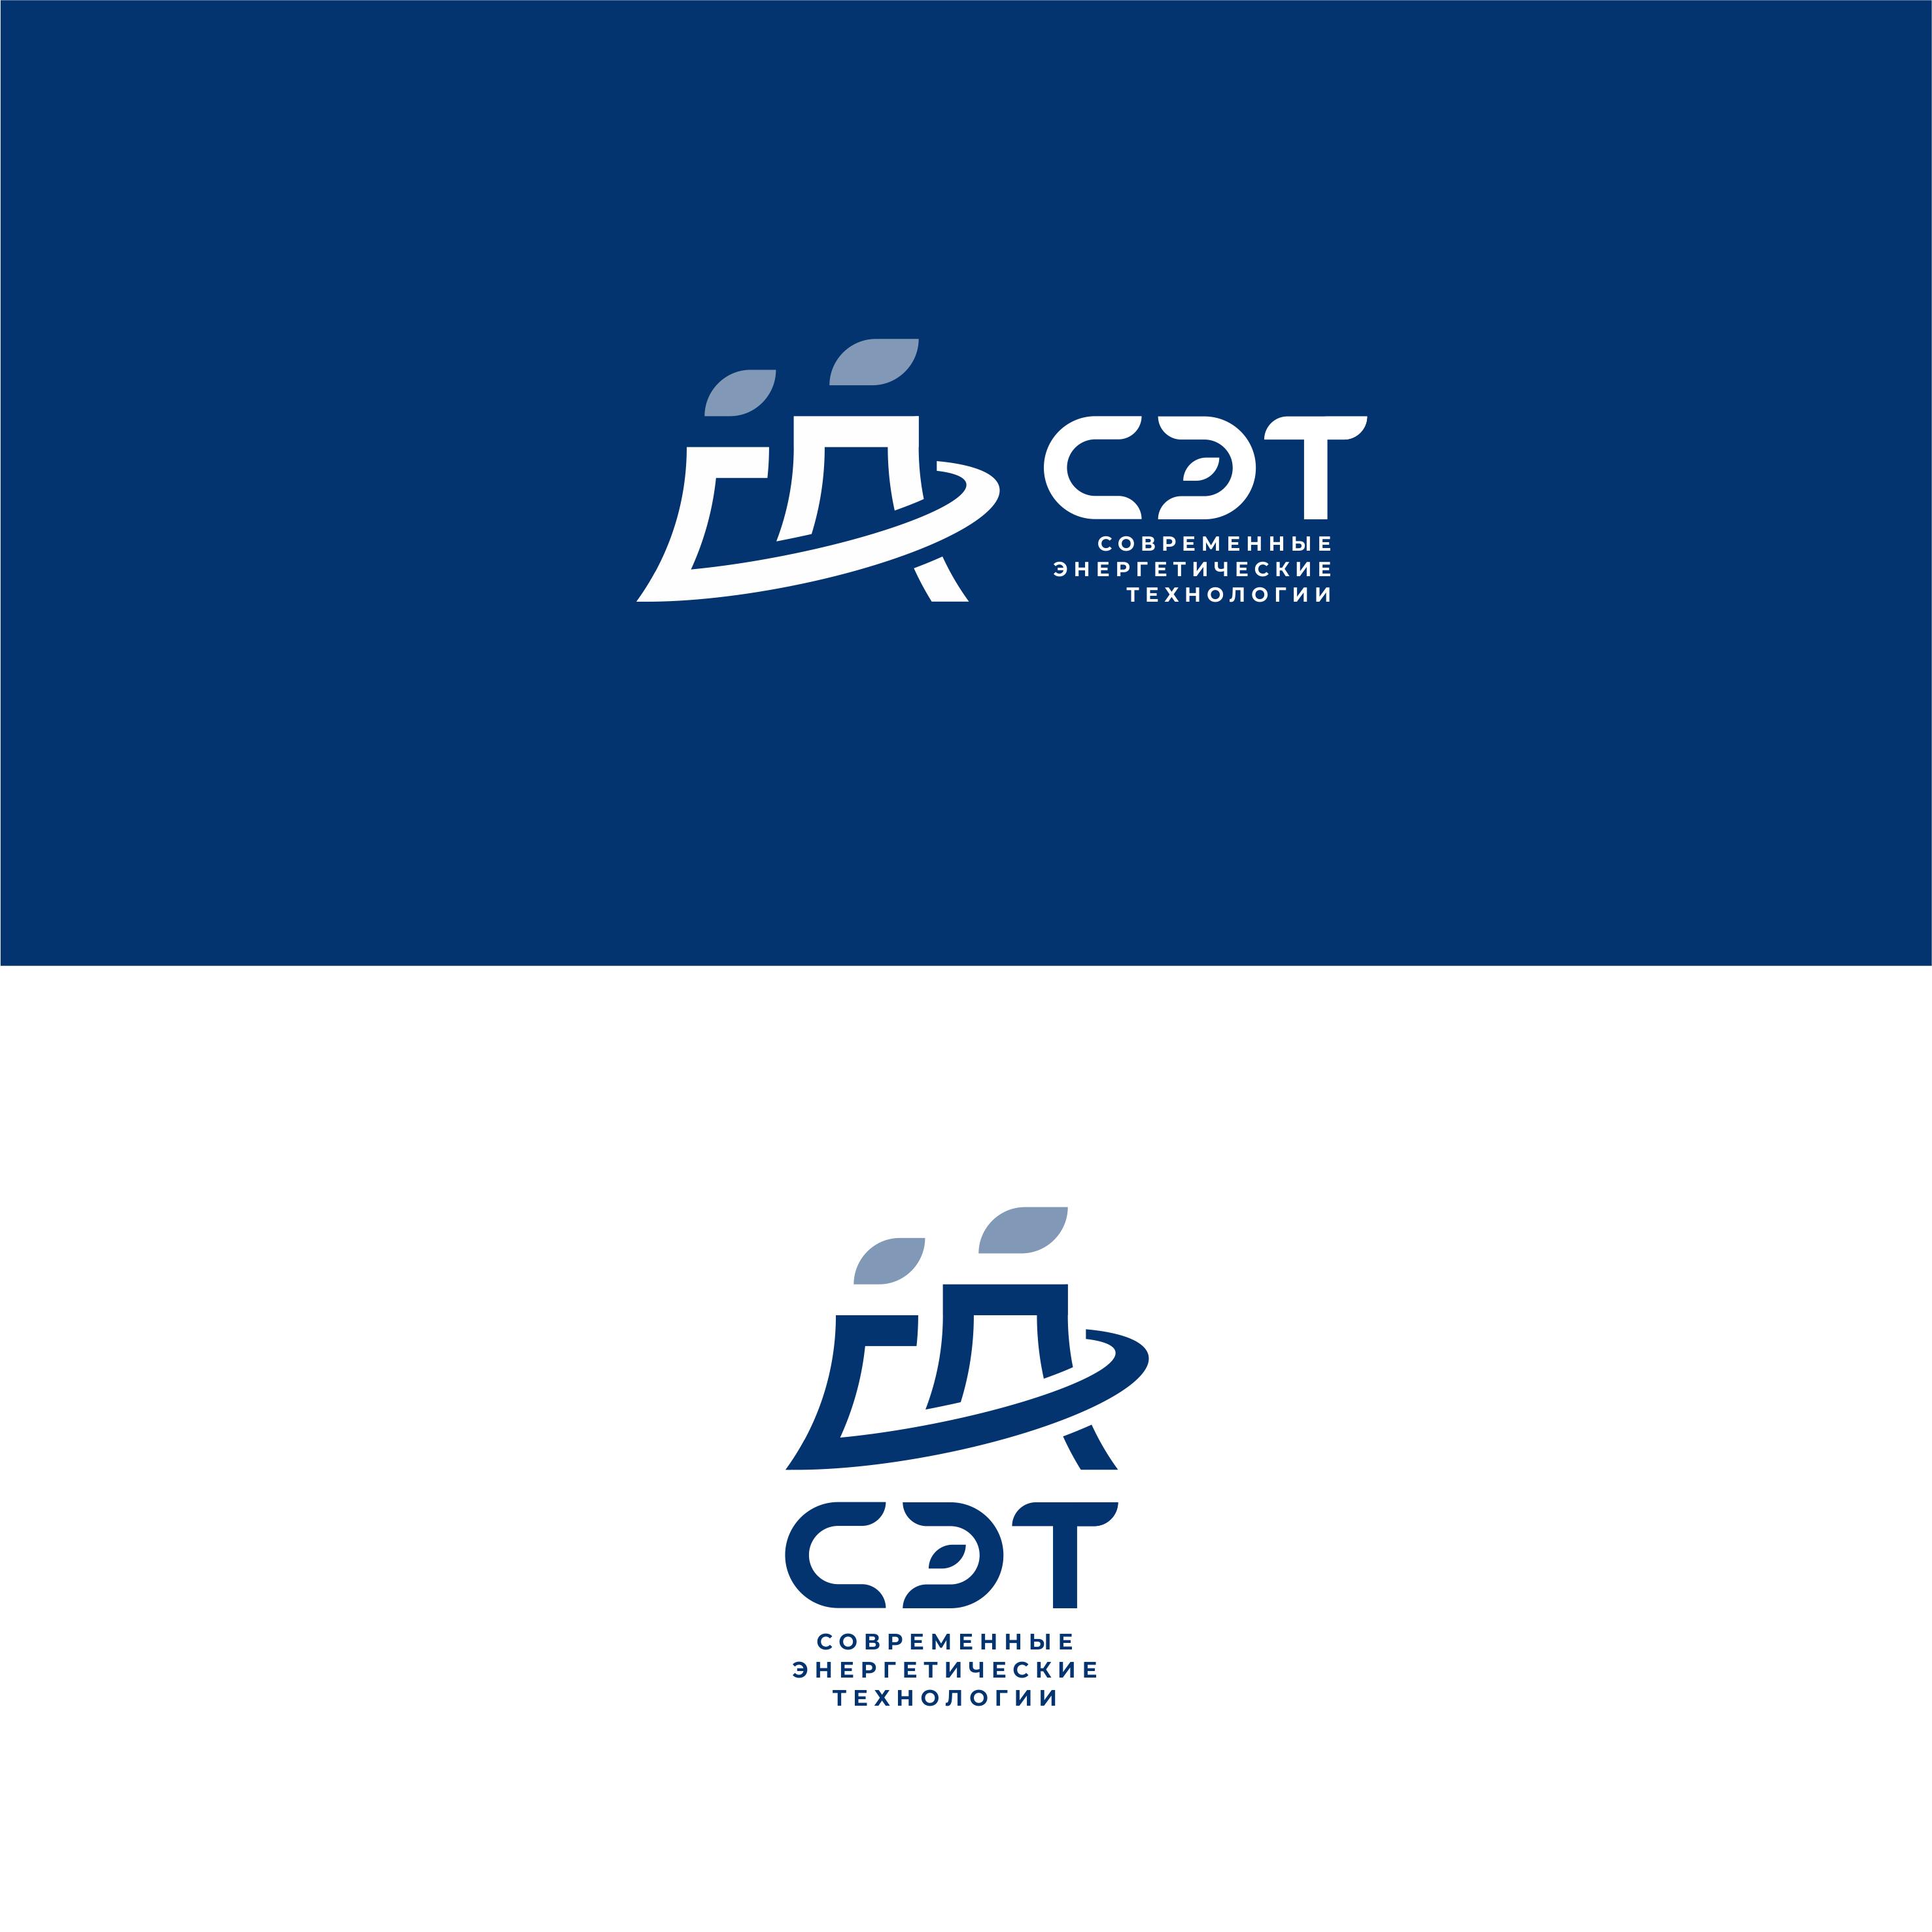 Срочно! Дизайн логотипа ООО «СЭТ» фото f_1495d4c729873bfd.png